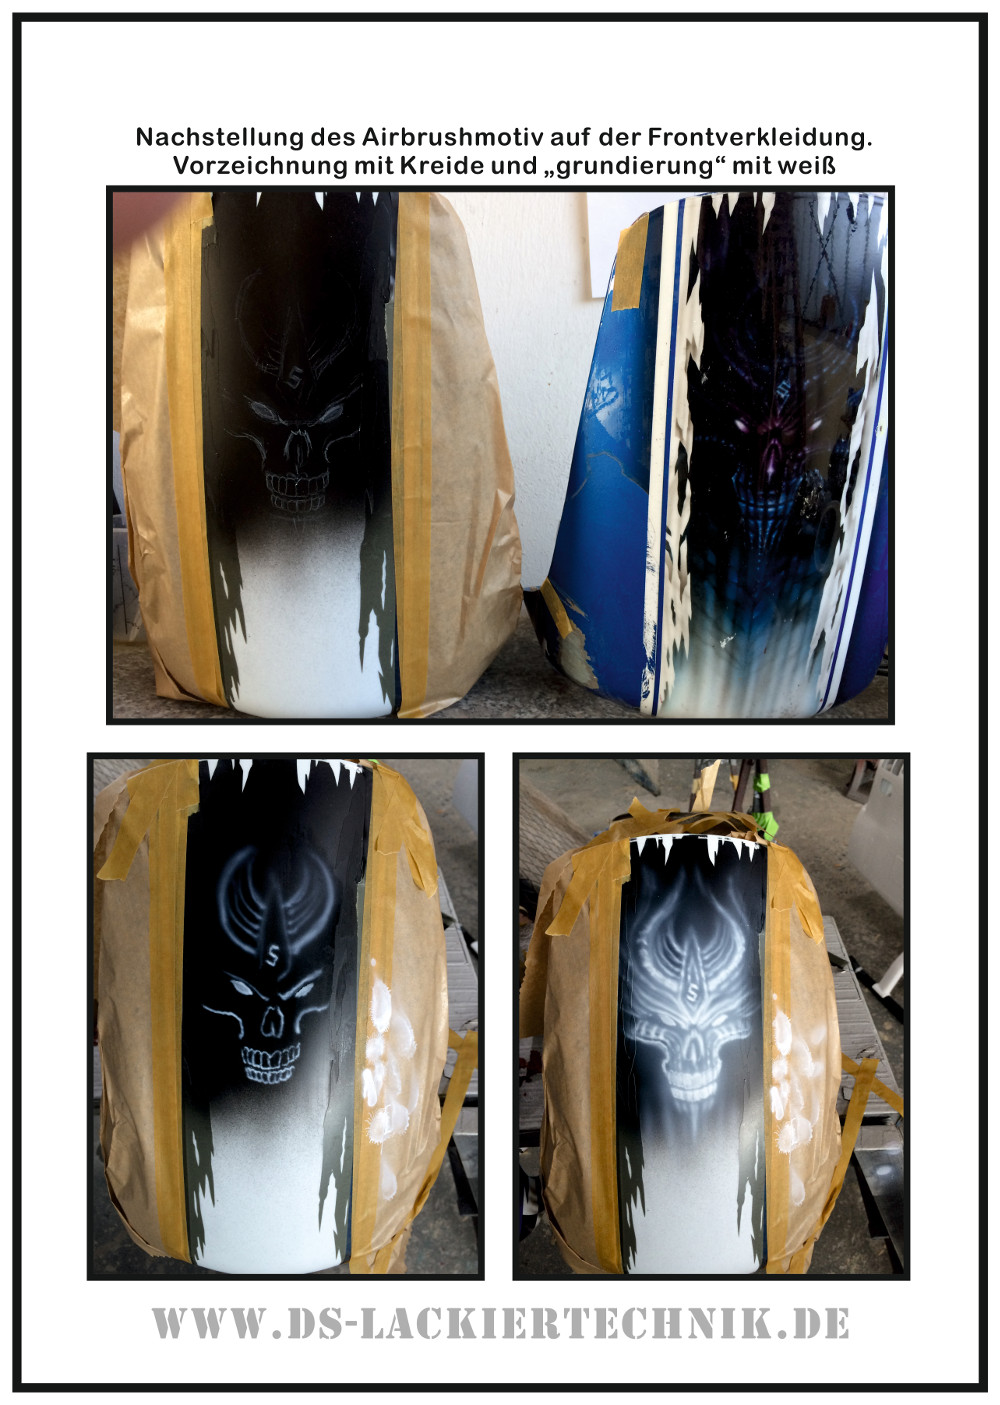 Motorrad Airbrush! Unfallschaden, Airbrush komplett erneuert 8 Motorrad Airbrush